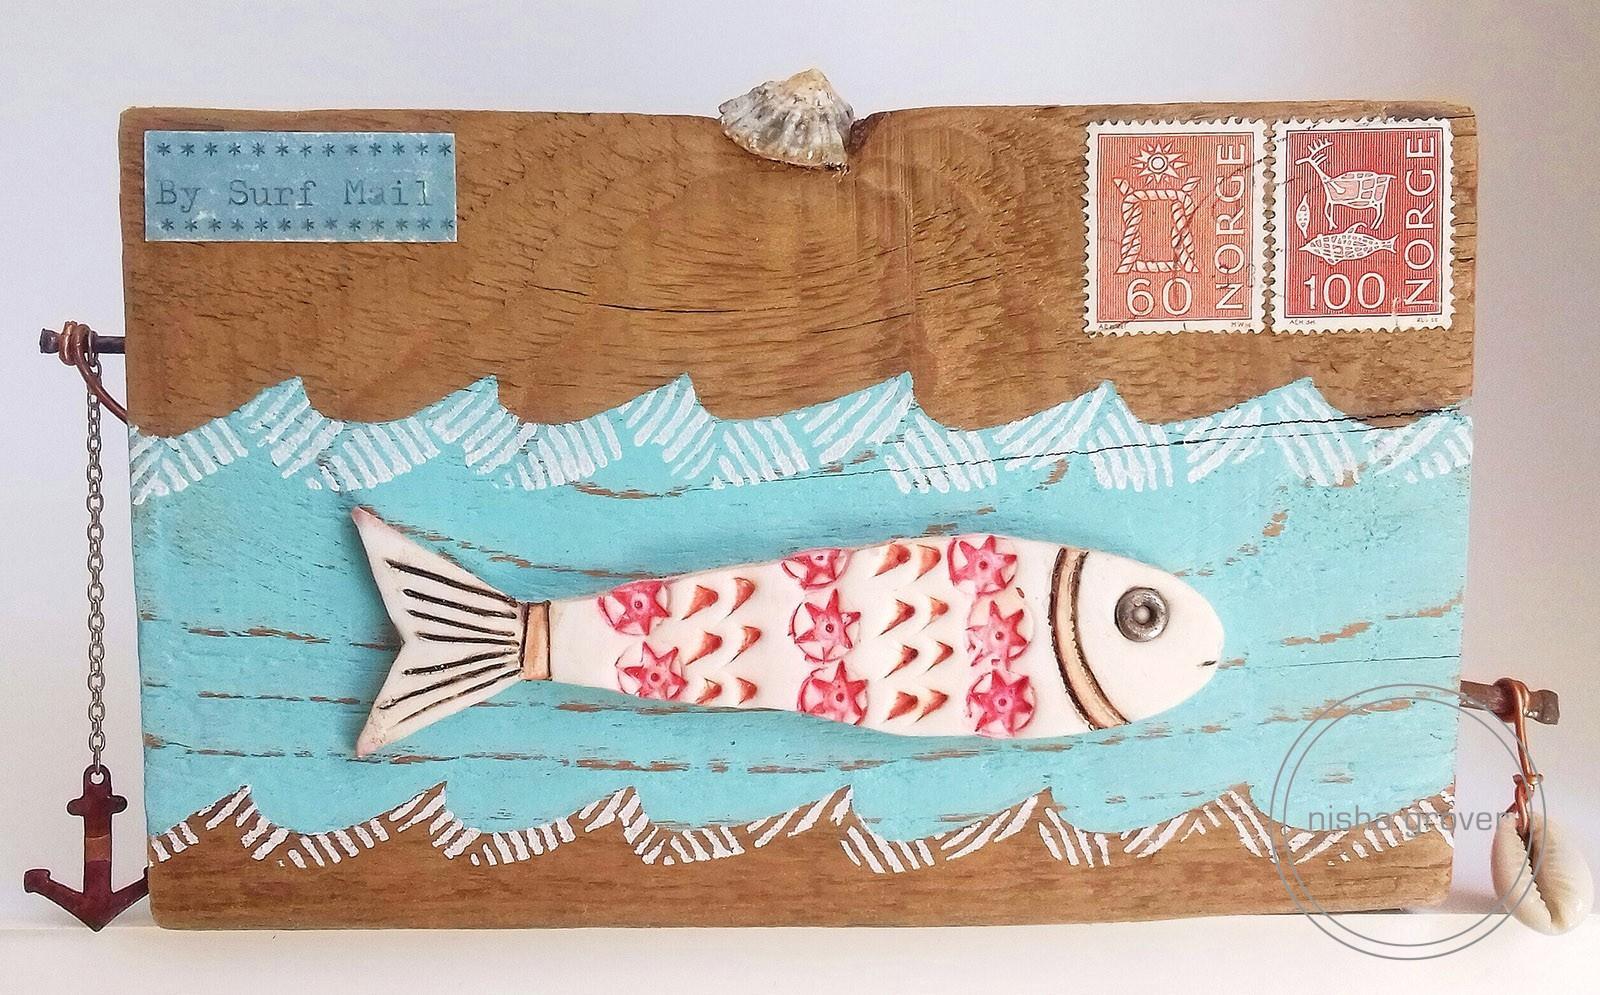 Surf postcard on wood